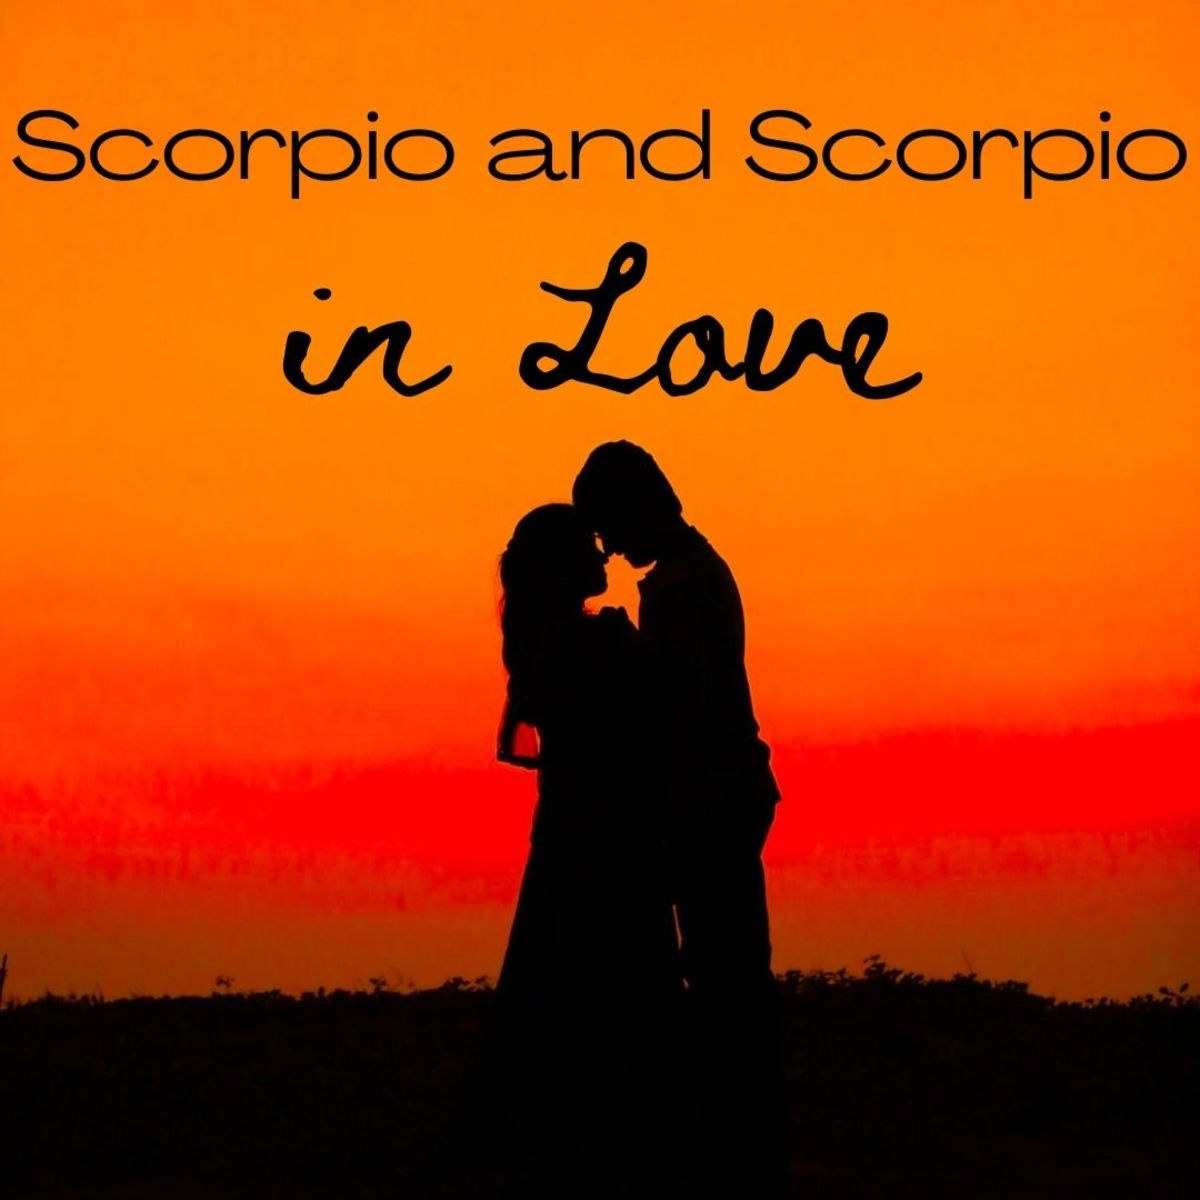 When a Scorpio and a Scorpio Fall in Love: Compatibility Report ♏️